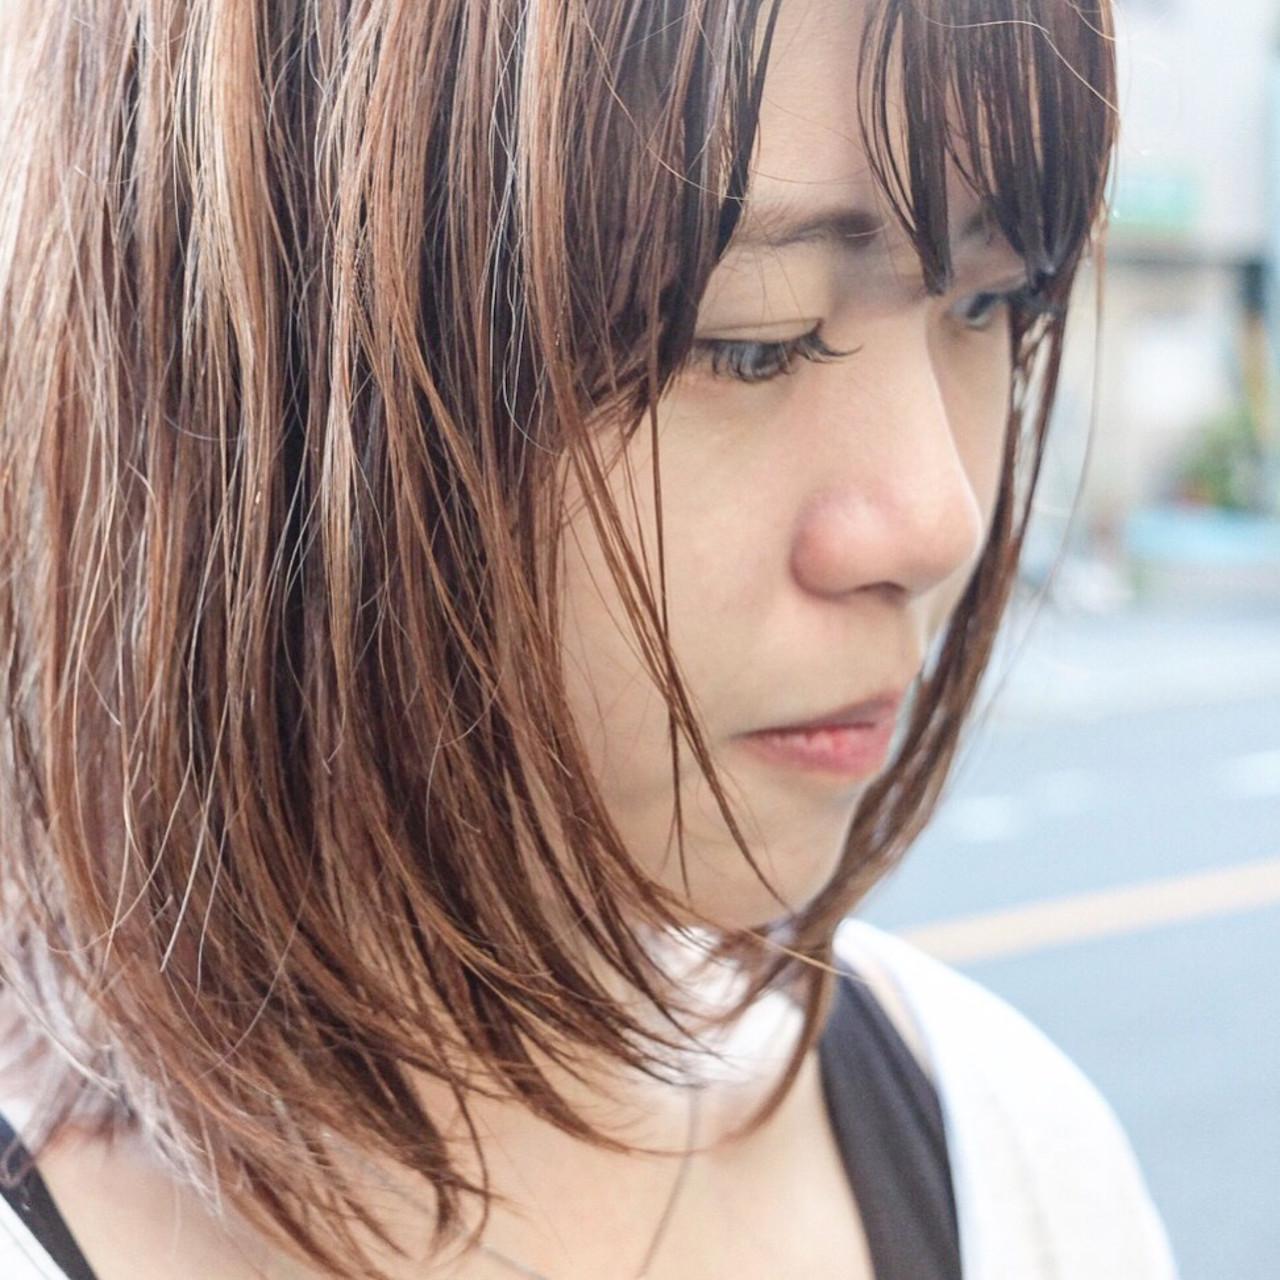 ナチュラル コントラストハイライト 3Dハイライト ナチュラル可愛い ヘアスタイルや髪型の写真・画像